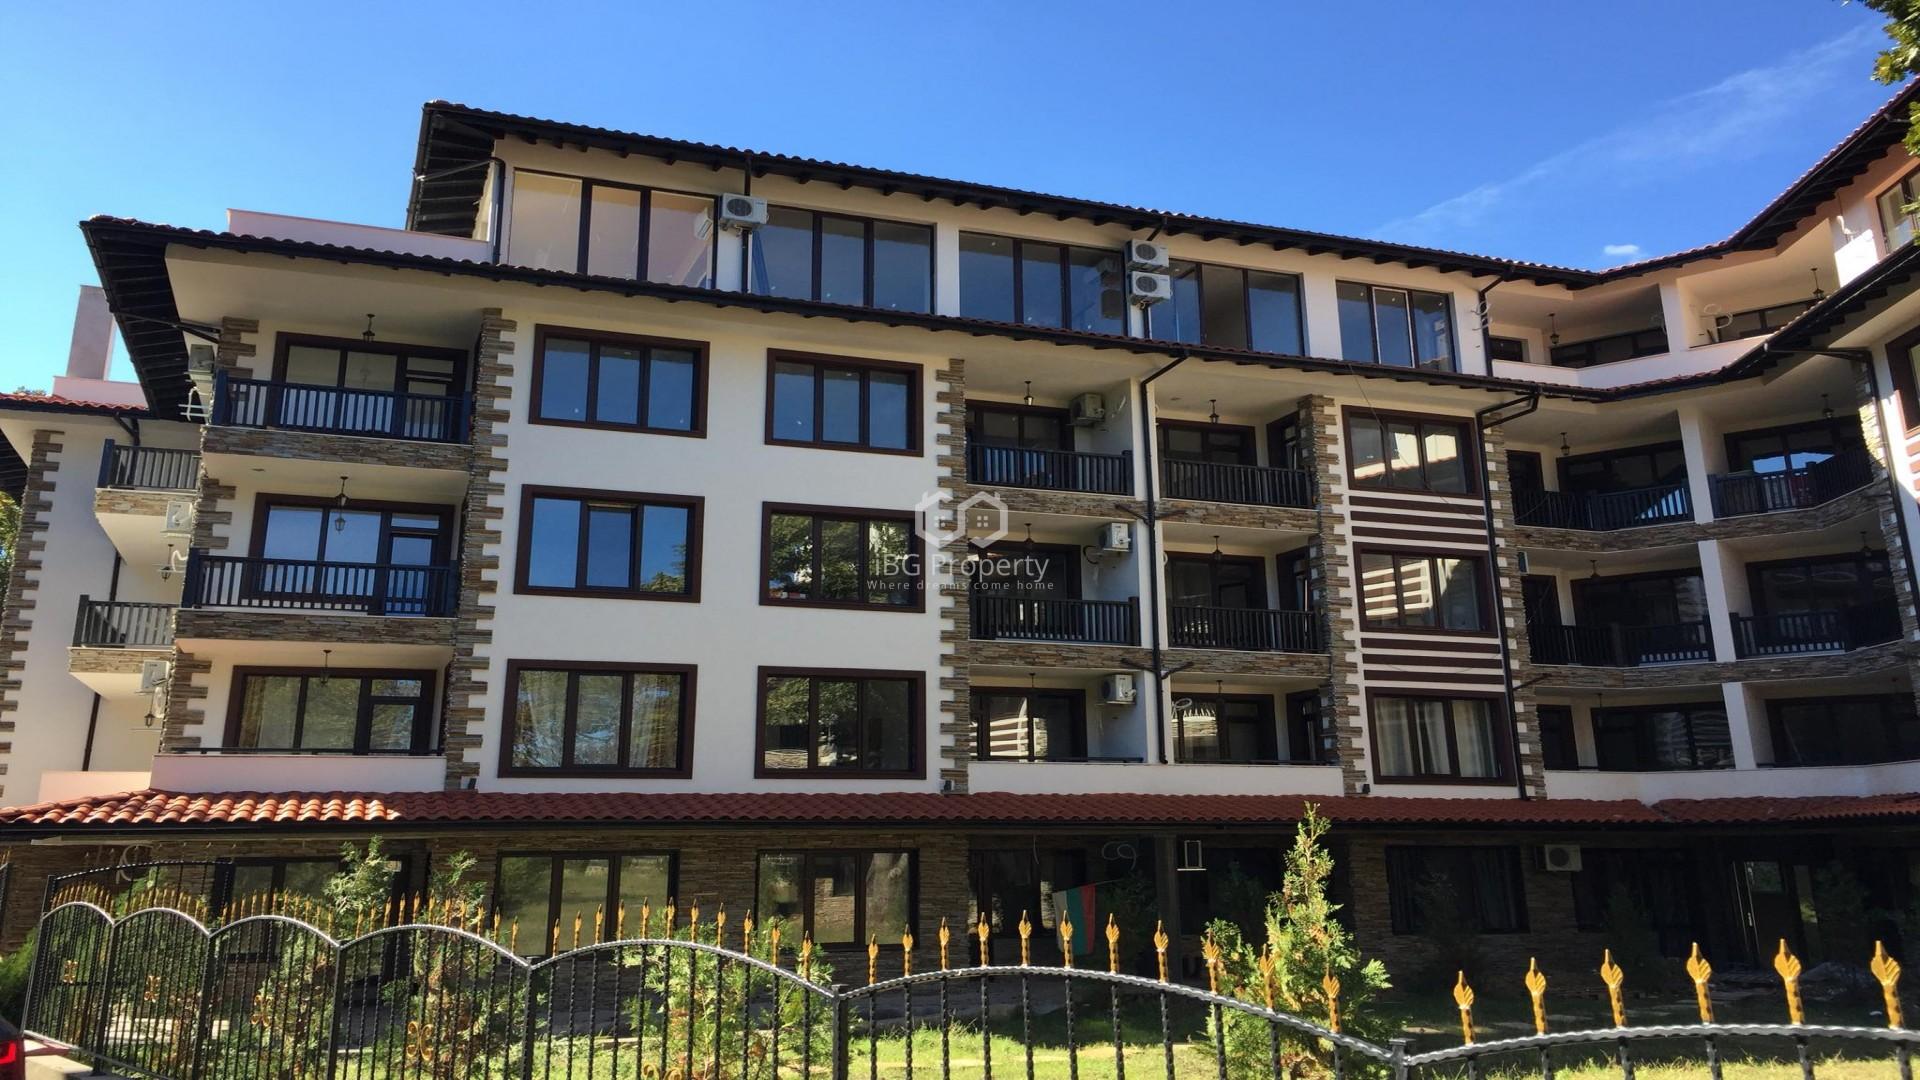 Двухкомнатная квартира Приморско 49 m2